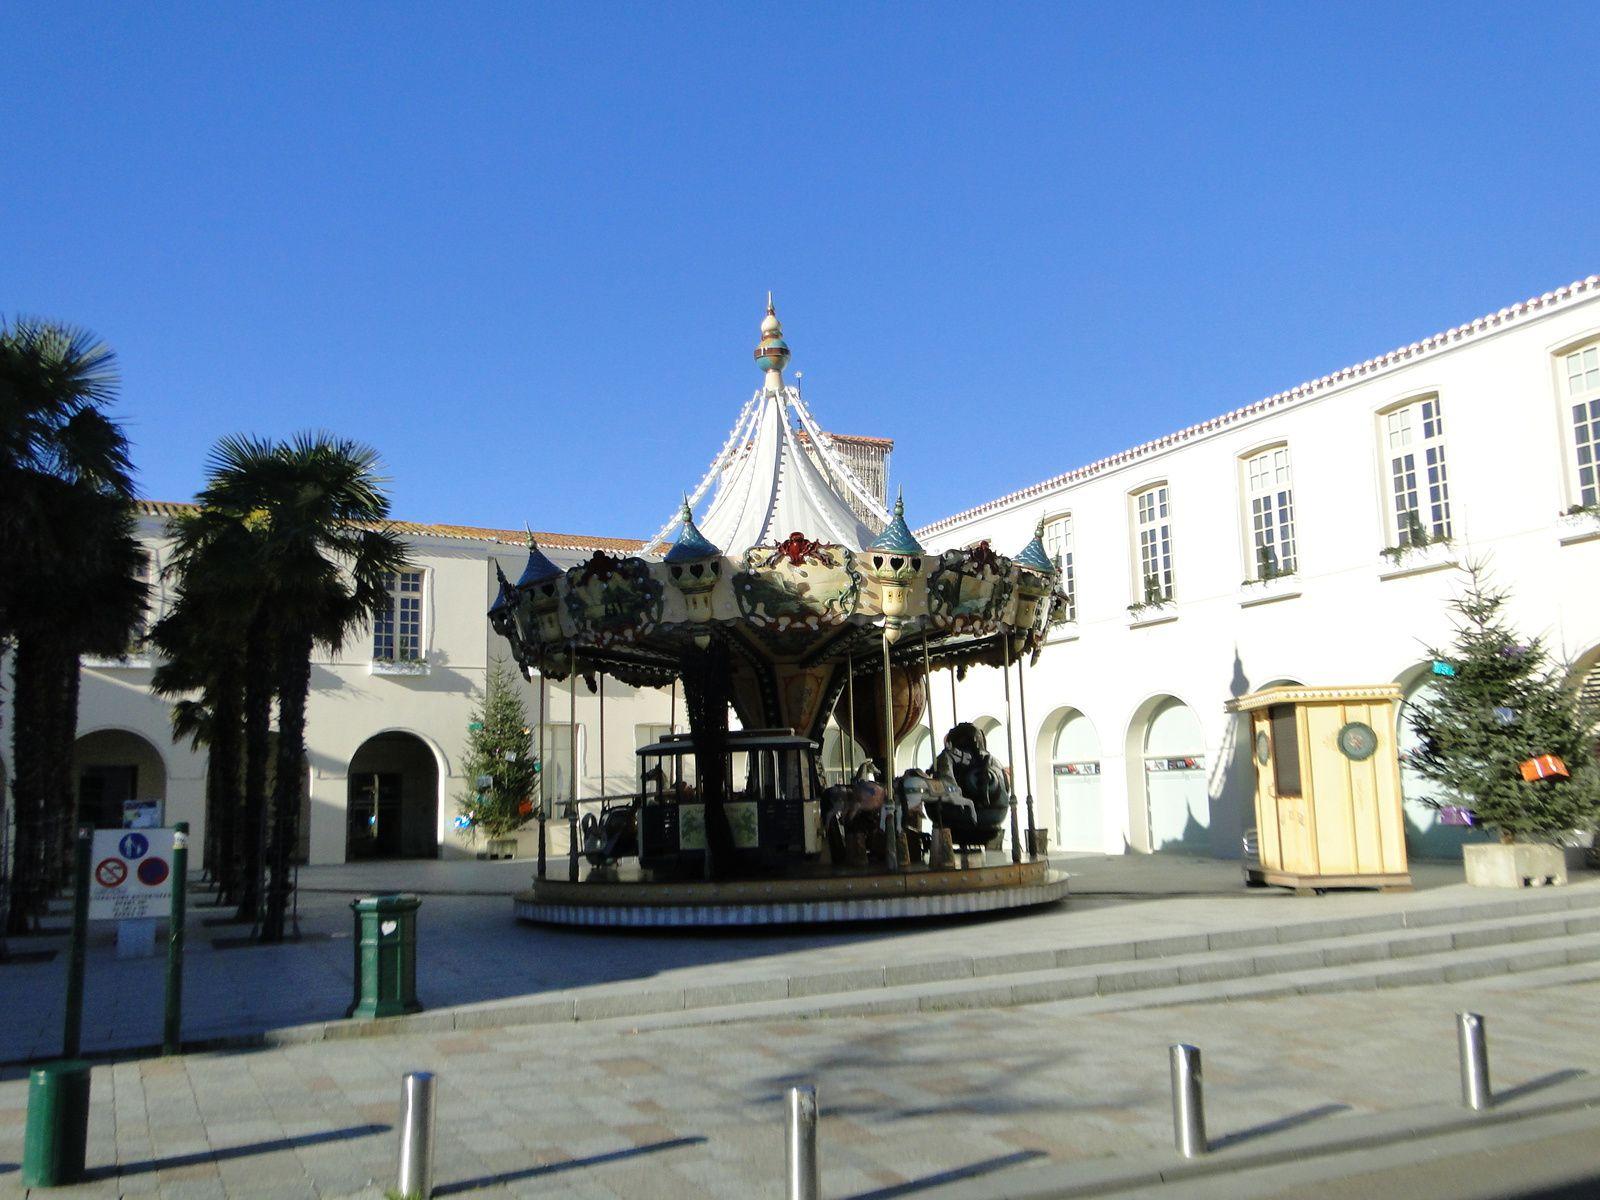 Manège installé sur la place de la mairie aux Sables d'Olonne